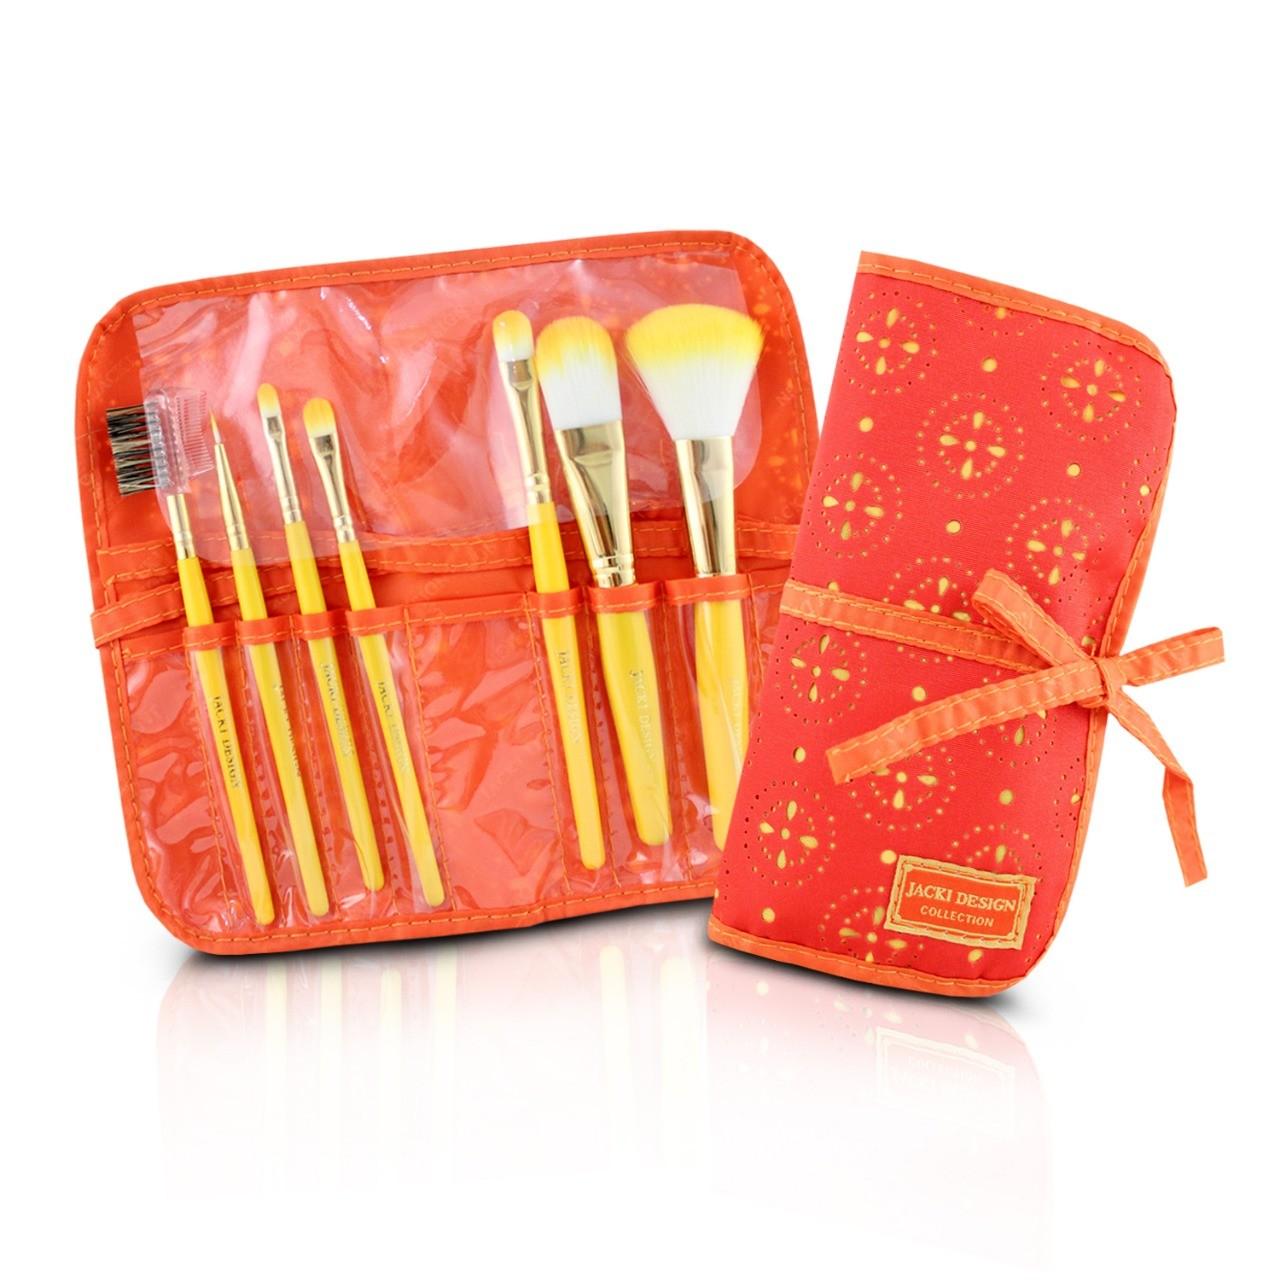 Kit com 7 Pinceis de Maquiagem - Jacki Design